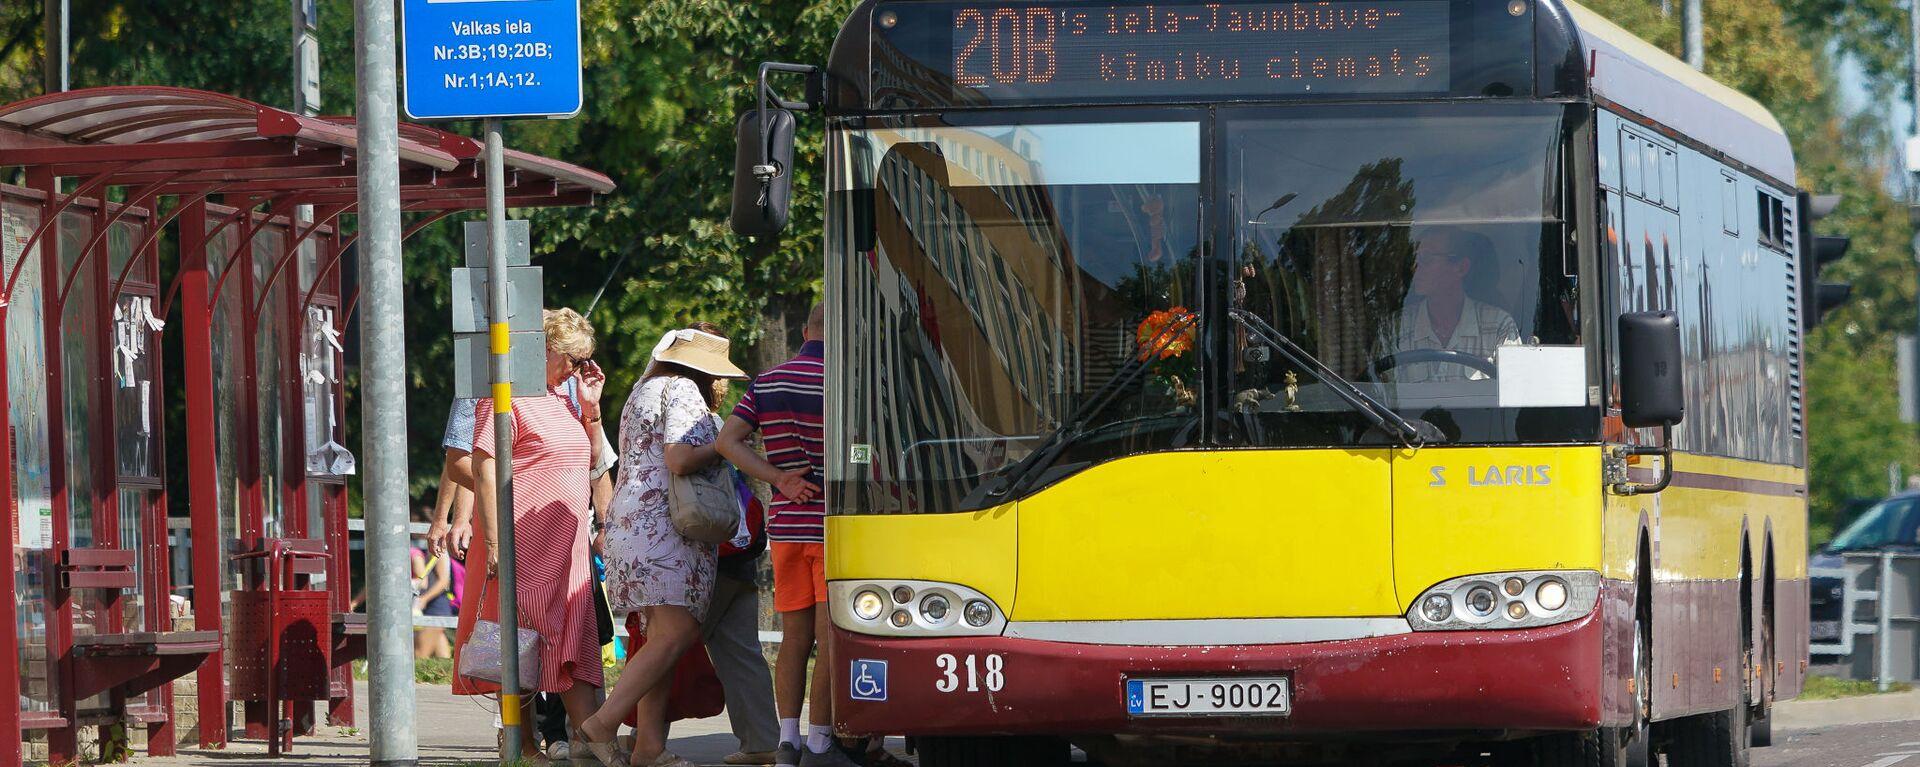 Автобус в Даугавпилсе - Sputnik Латвия, 1920, 08.10.2019